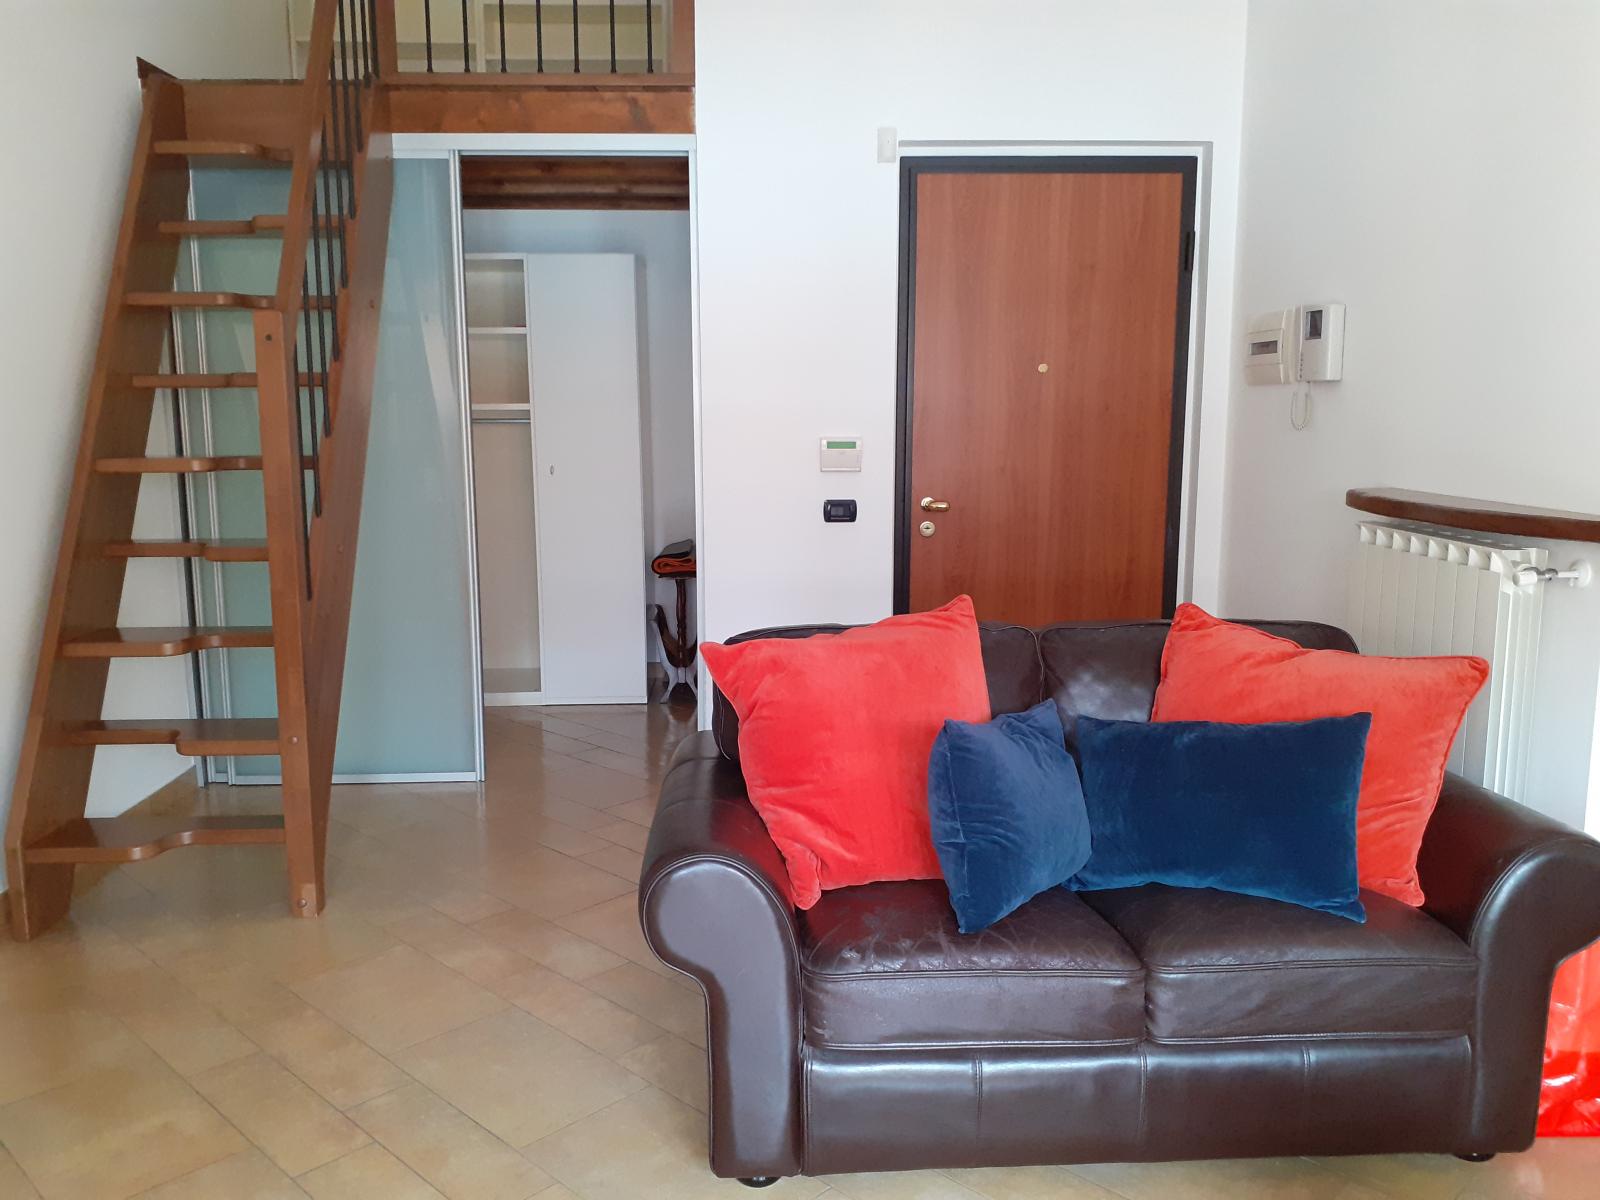 appartamento-in-vendita-bareggio-2-locali-bilocale-spaziourbano-immobiliare-vende-18